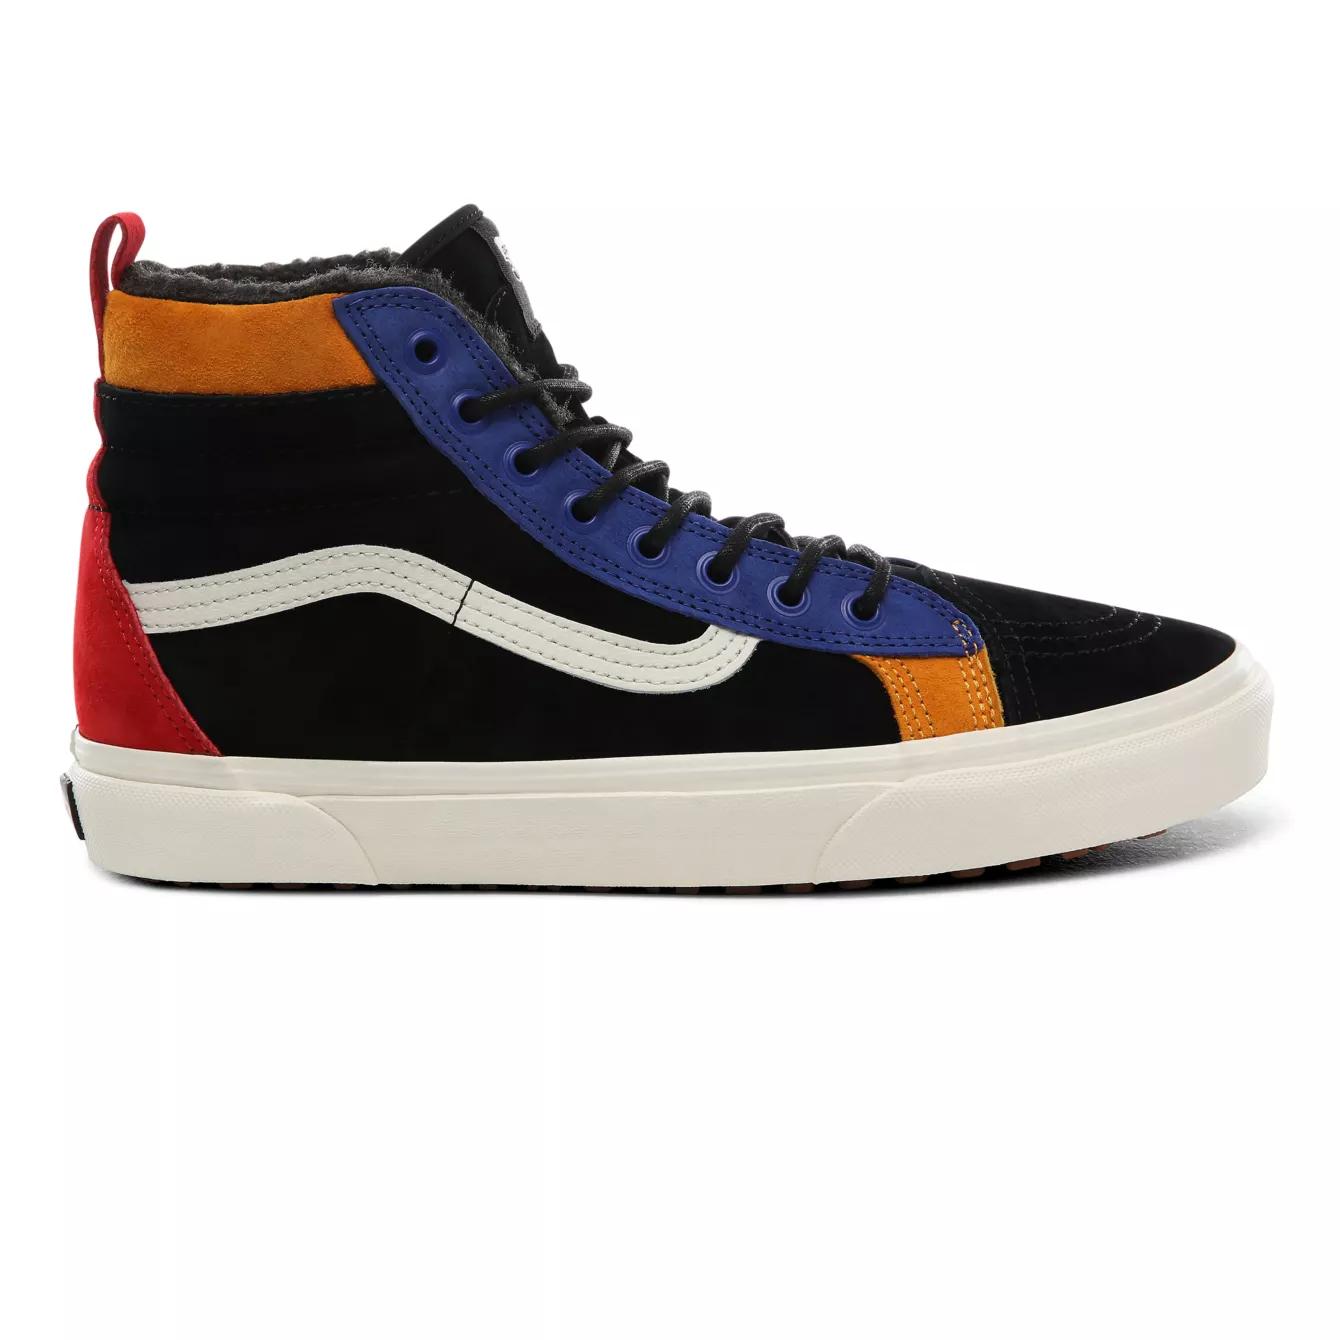 Ejercer Grifo escritura  Buy Vans Sk8-Hi 46 MTE DX Black/Surf The Web Shoes at Europe's Sickest  Skateboard Store Shoes Size Men US 9 | Vans, Men's shoes accessories, Buy  vans